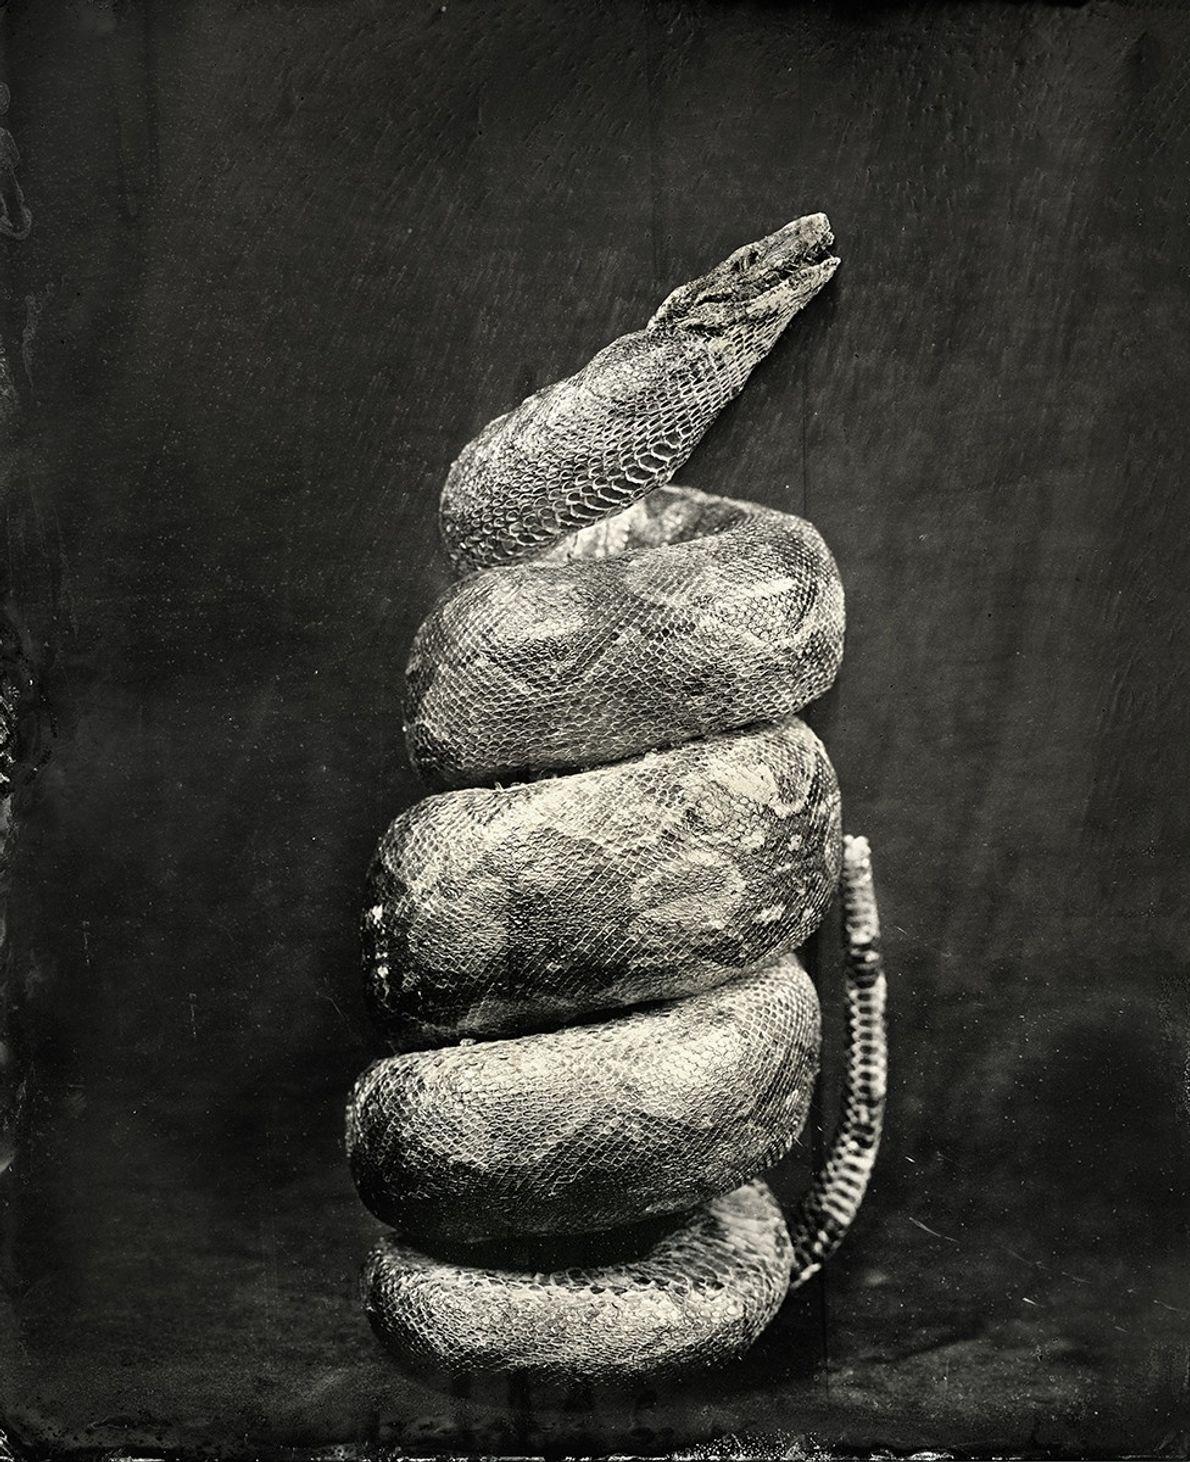 Esta cobra embalsamada é um dos inúmeros itens de vida selvagem ilícitos que foram confiscados na ...